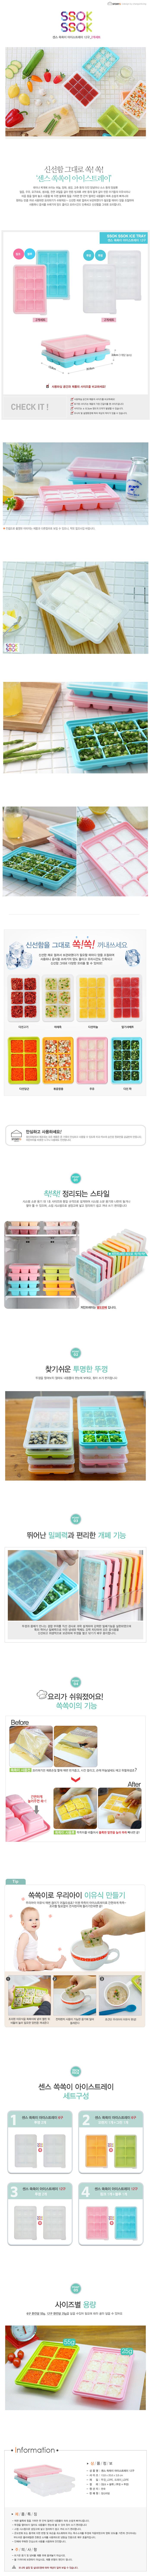 쏙쏙이 아이스트레이 12구(2개) - 창신리빙, 4,900원, 샐러드볼/다용도볼, 아이스 트레이